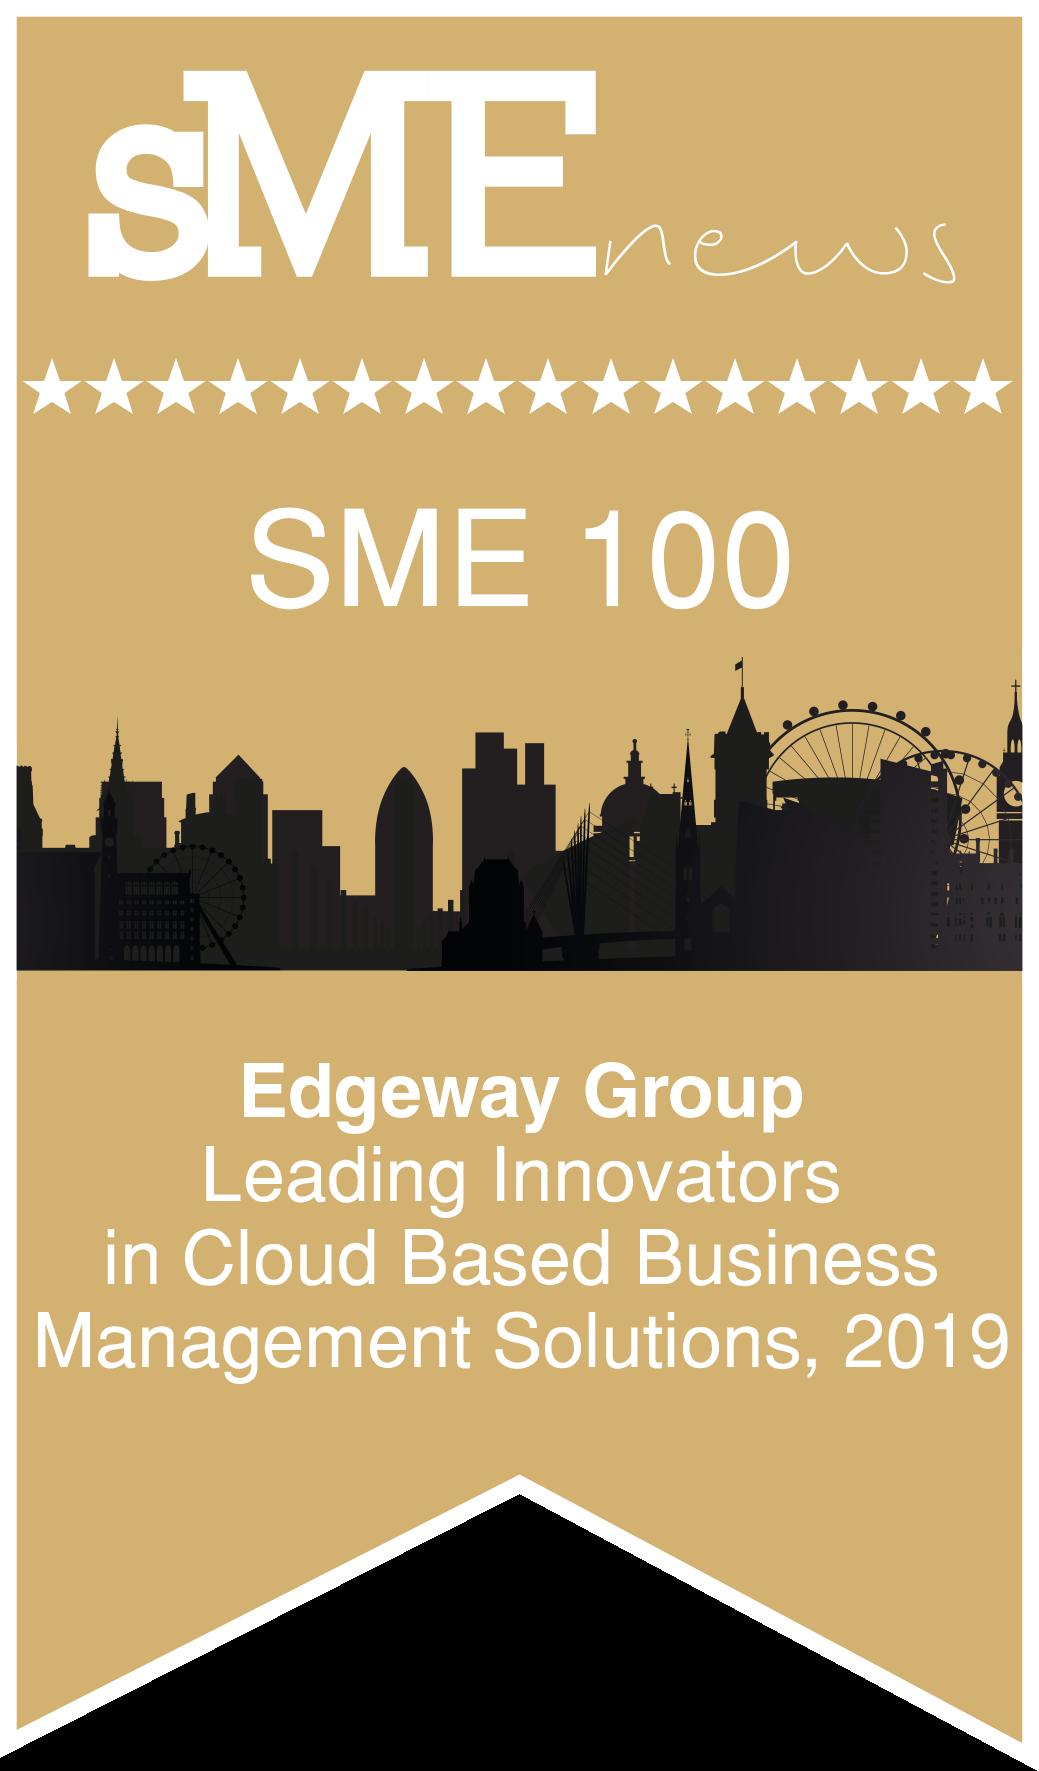 sME news Top 100